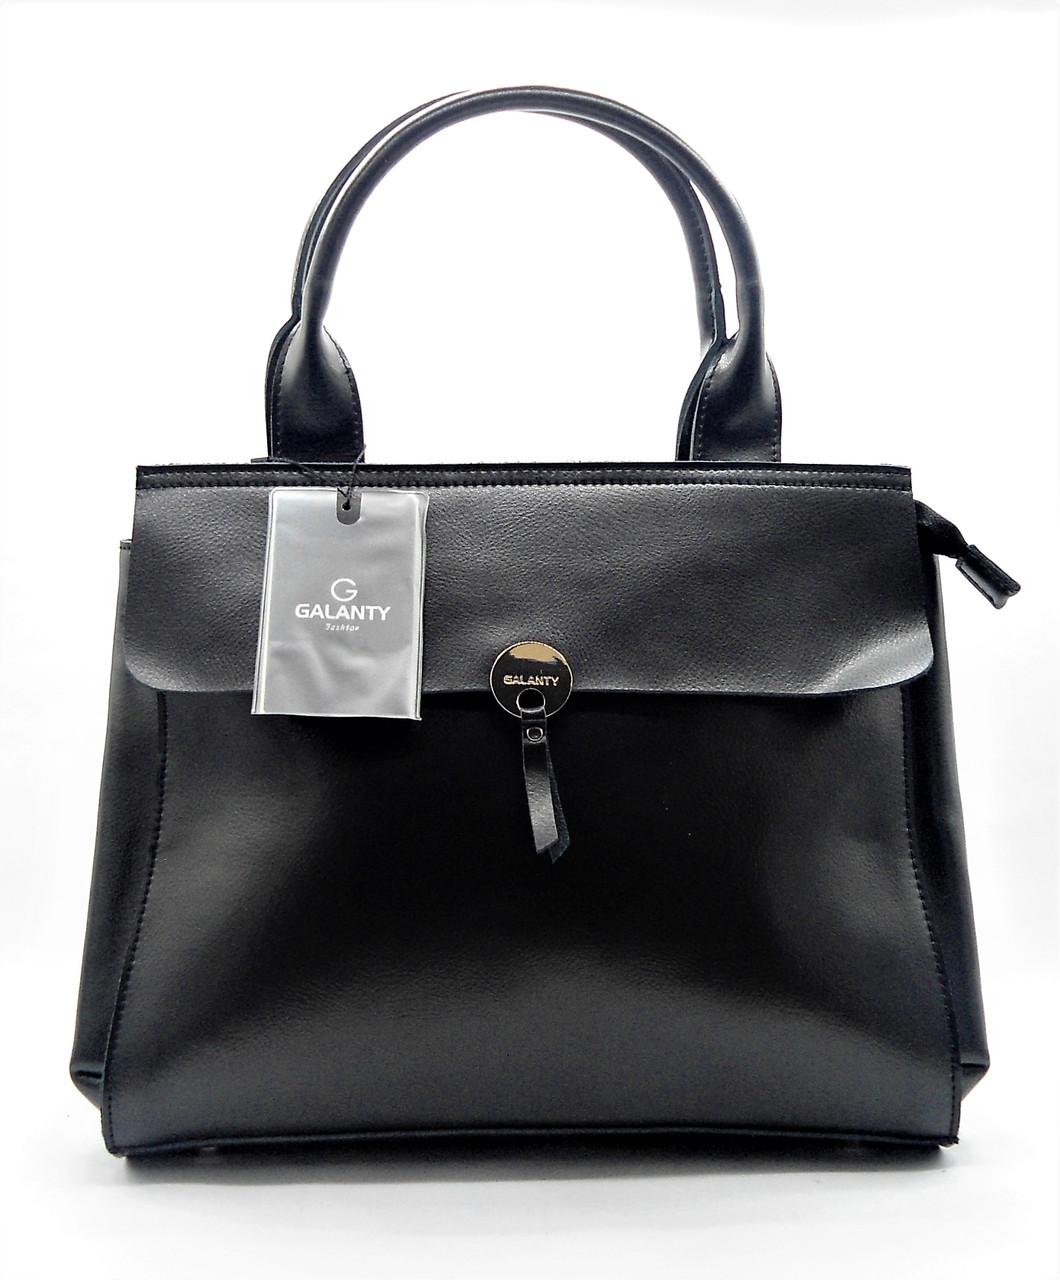 91a1f07e03fb Модная женская сумочка GАLАNTY из натуральной кожи черного цвета MEE-032443  - Интернет- магазин